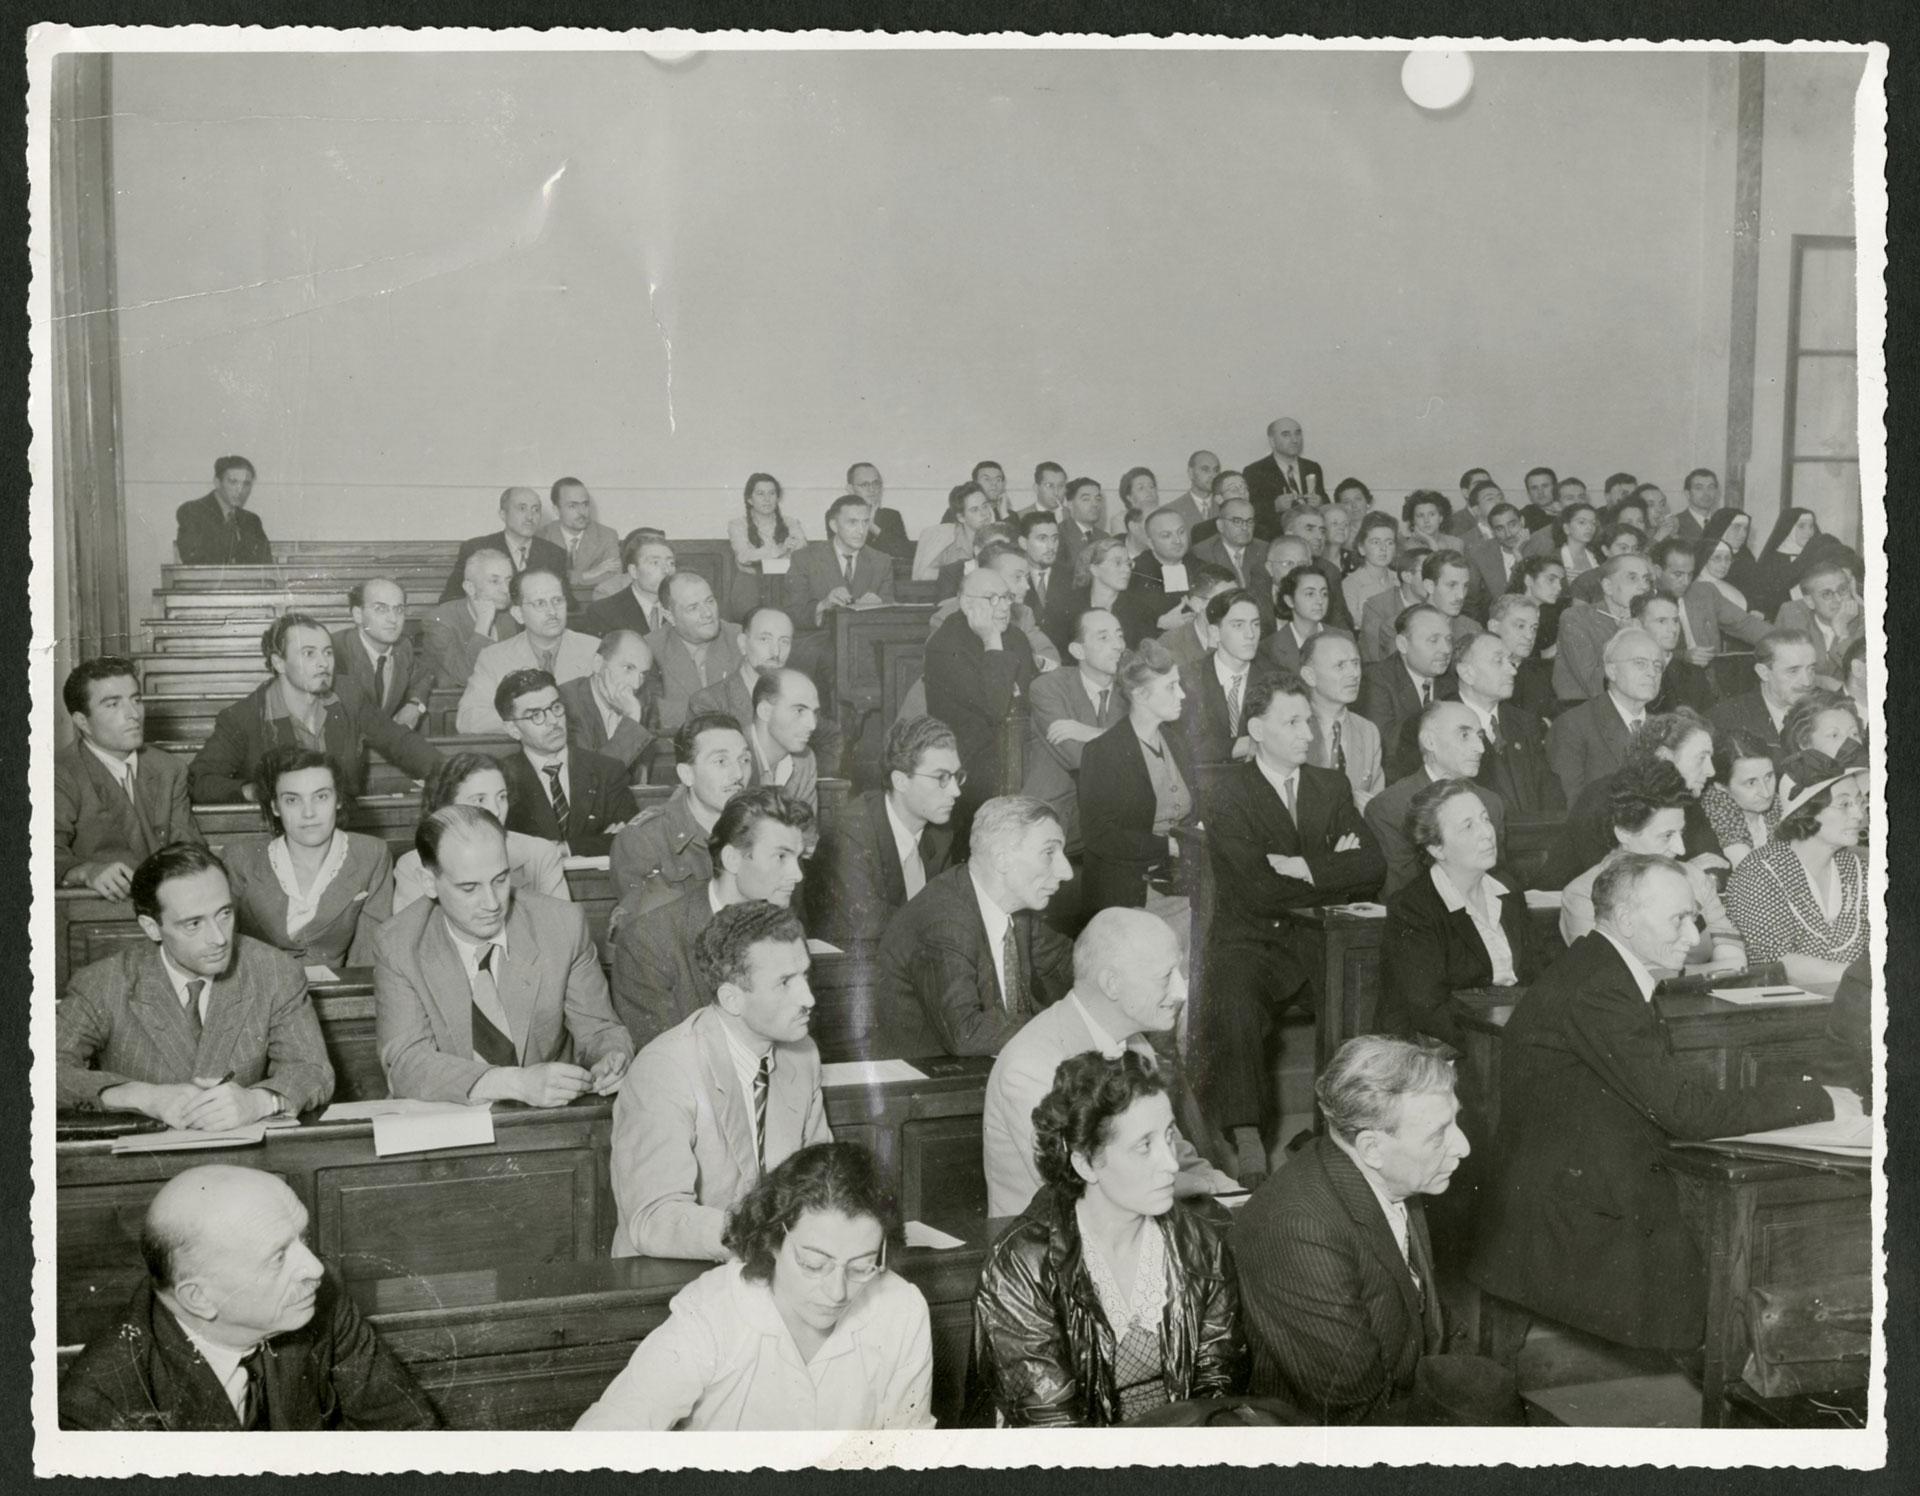 Fotografia dei partecipanti al I Congresso di orientamento professionale, svoltosi a Torino nel settembre 1948